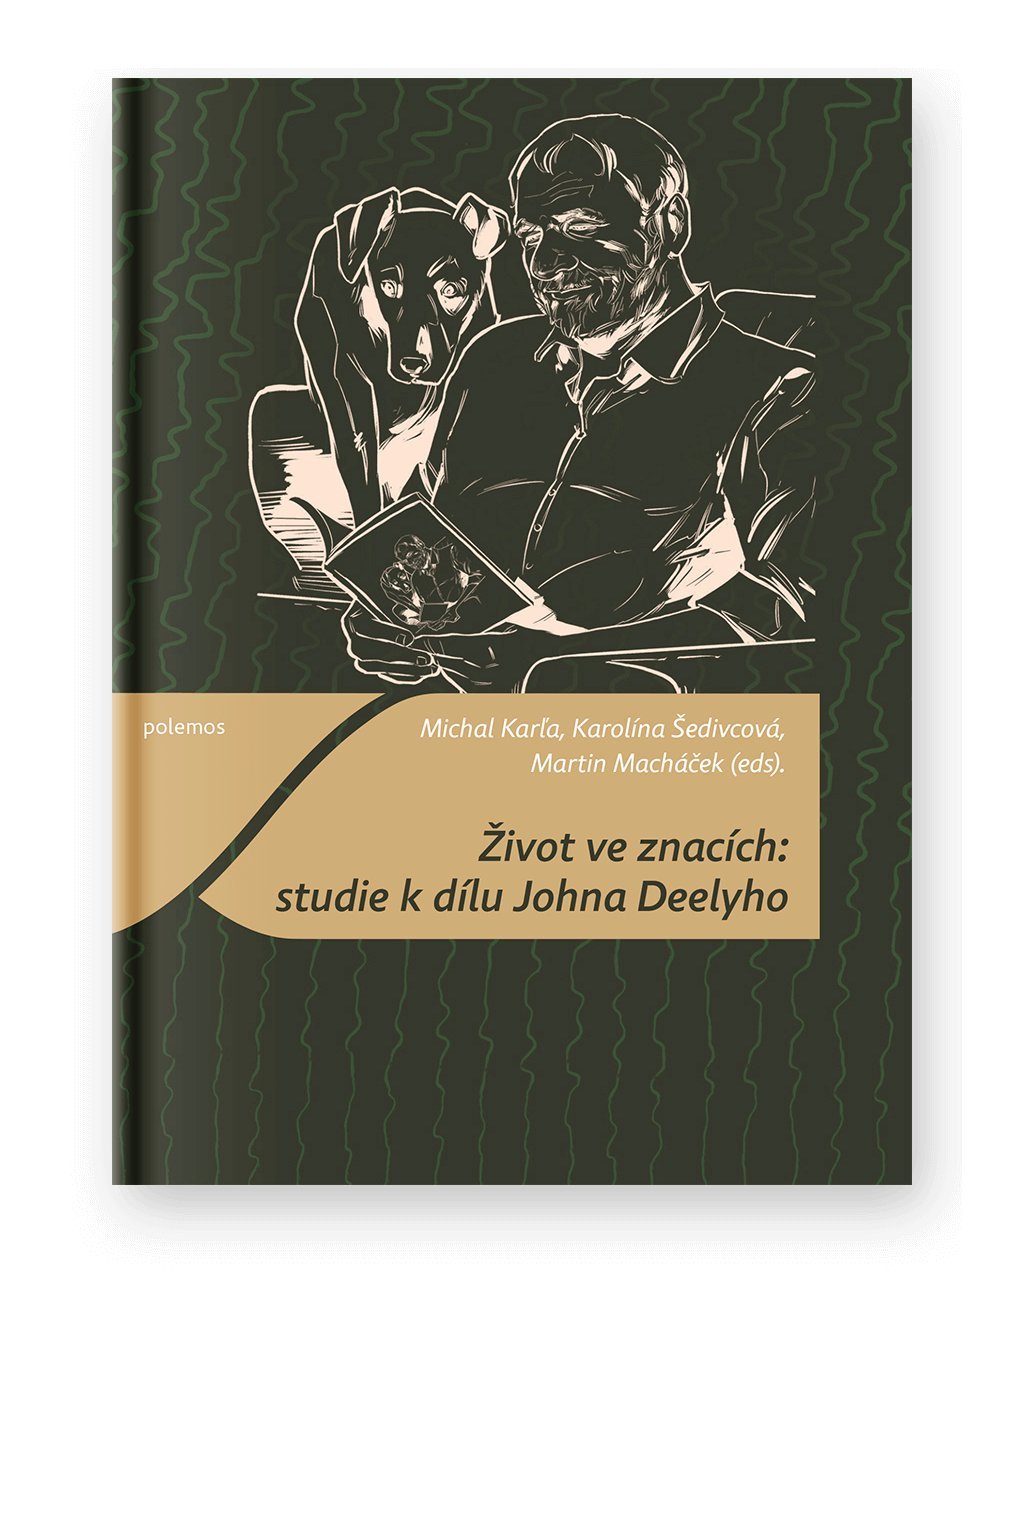 1487 zivot ve znacich studie k dilu johna deelyho